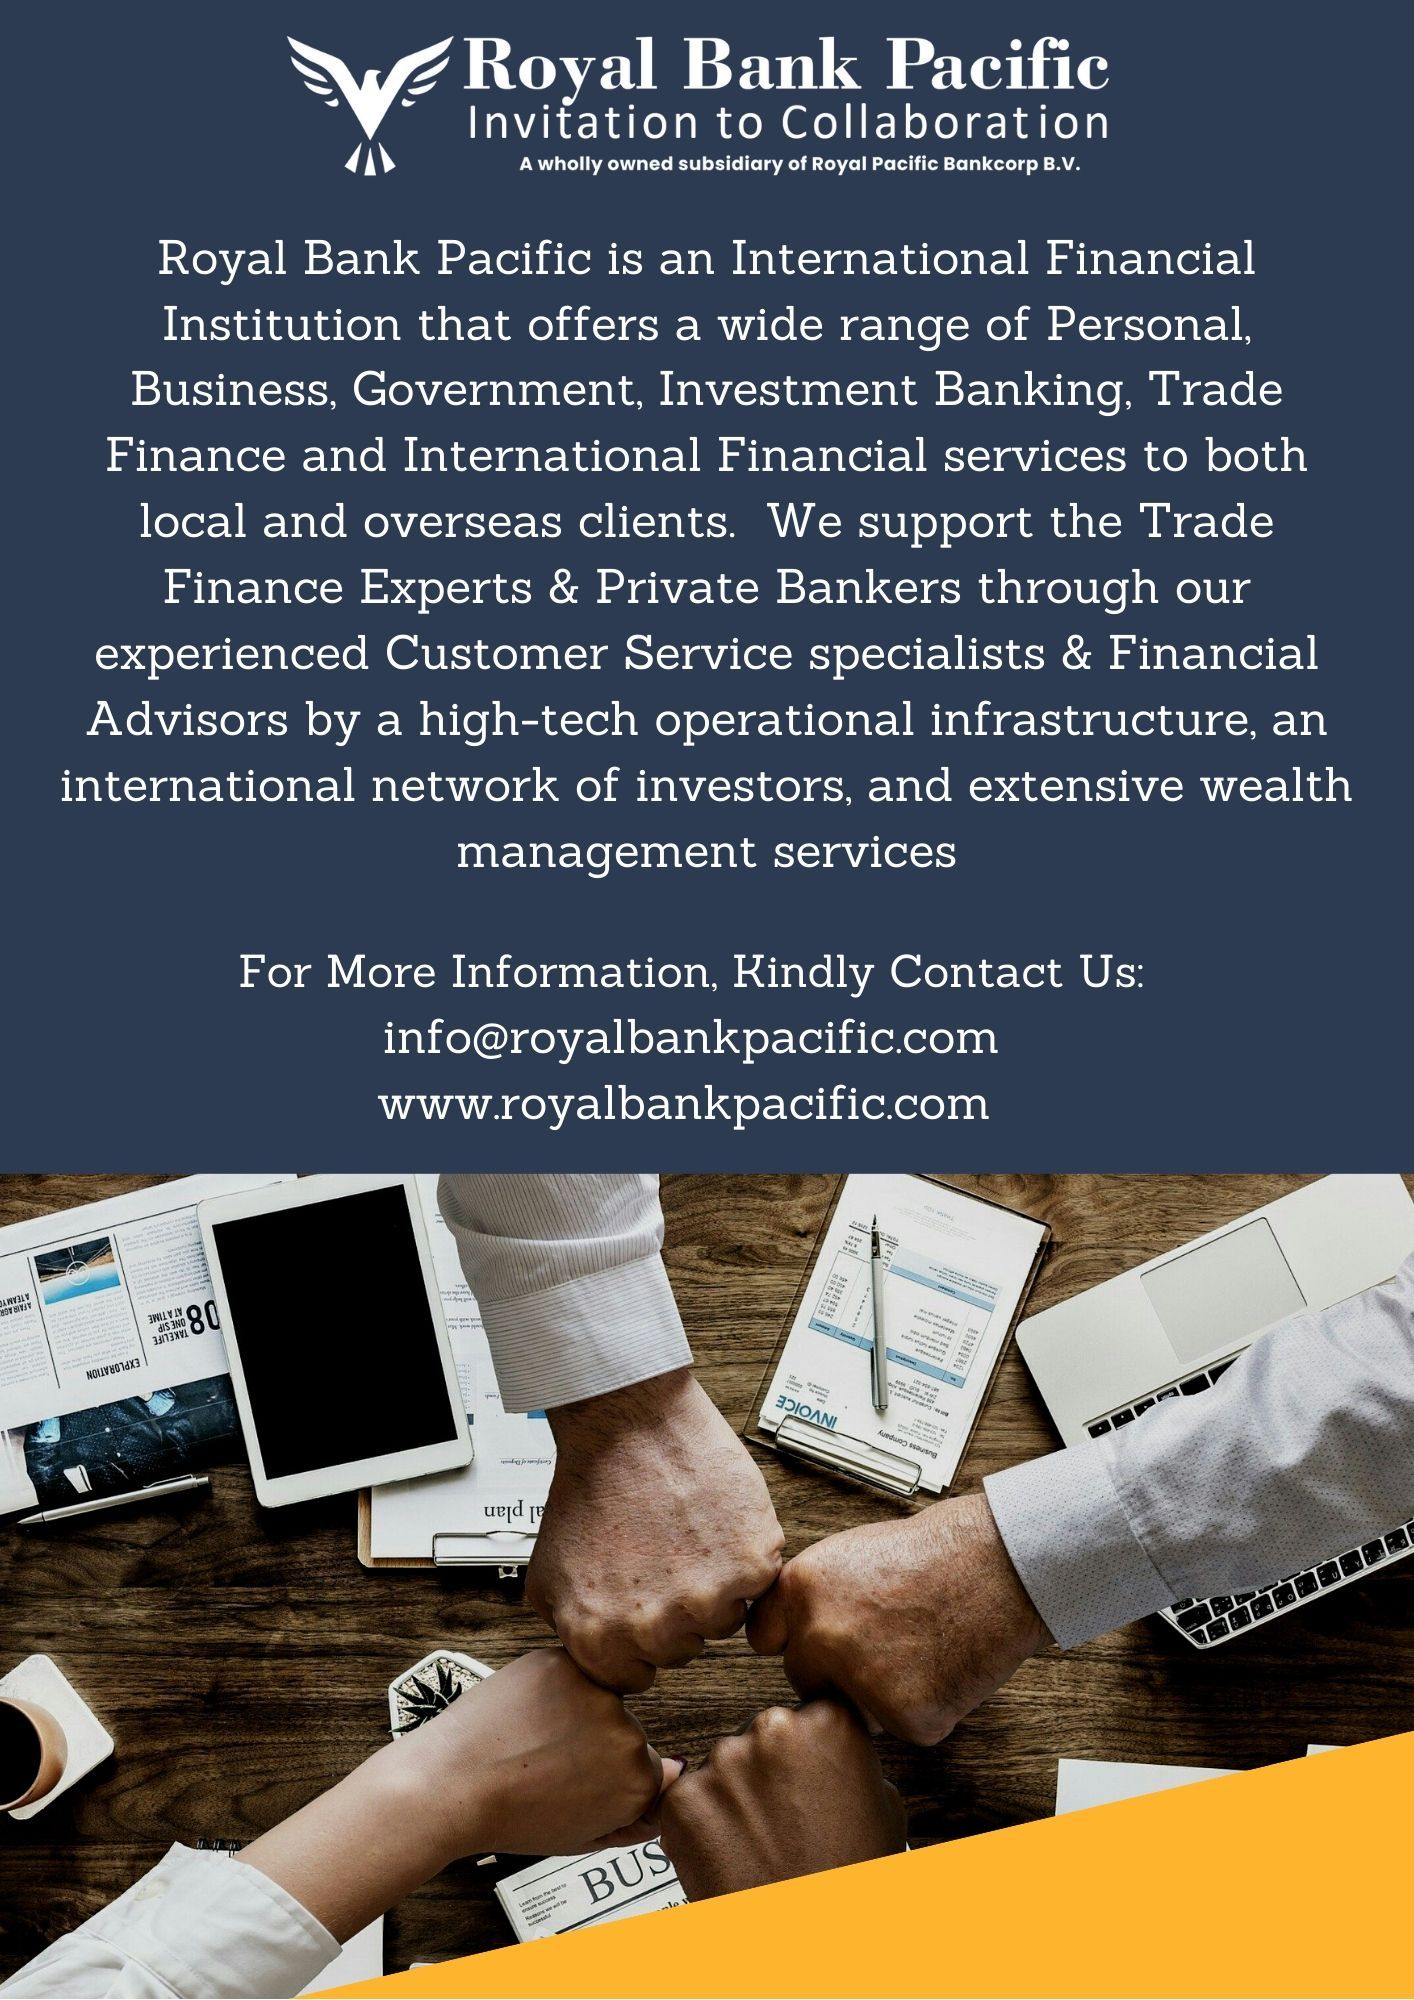 Royal Bank Pacific Royal Bank Trade Finance Investment Banking